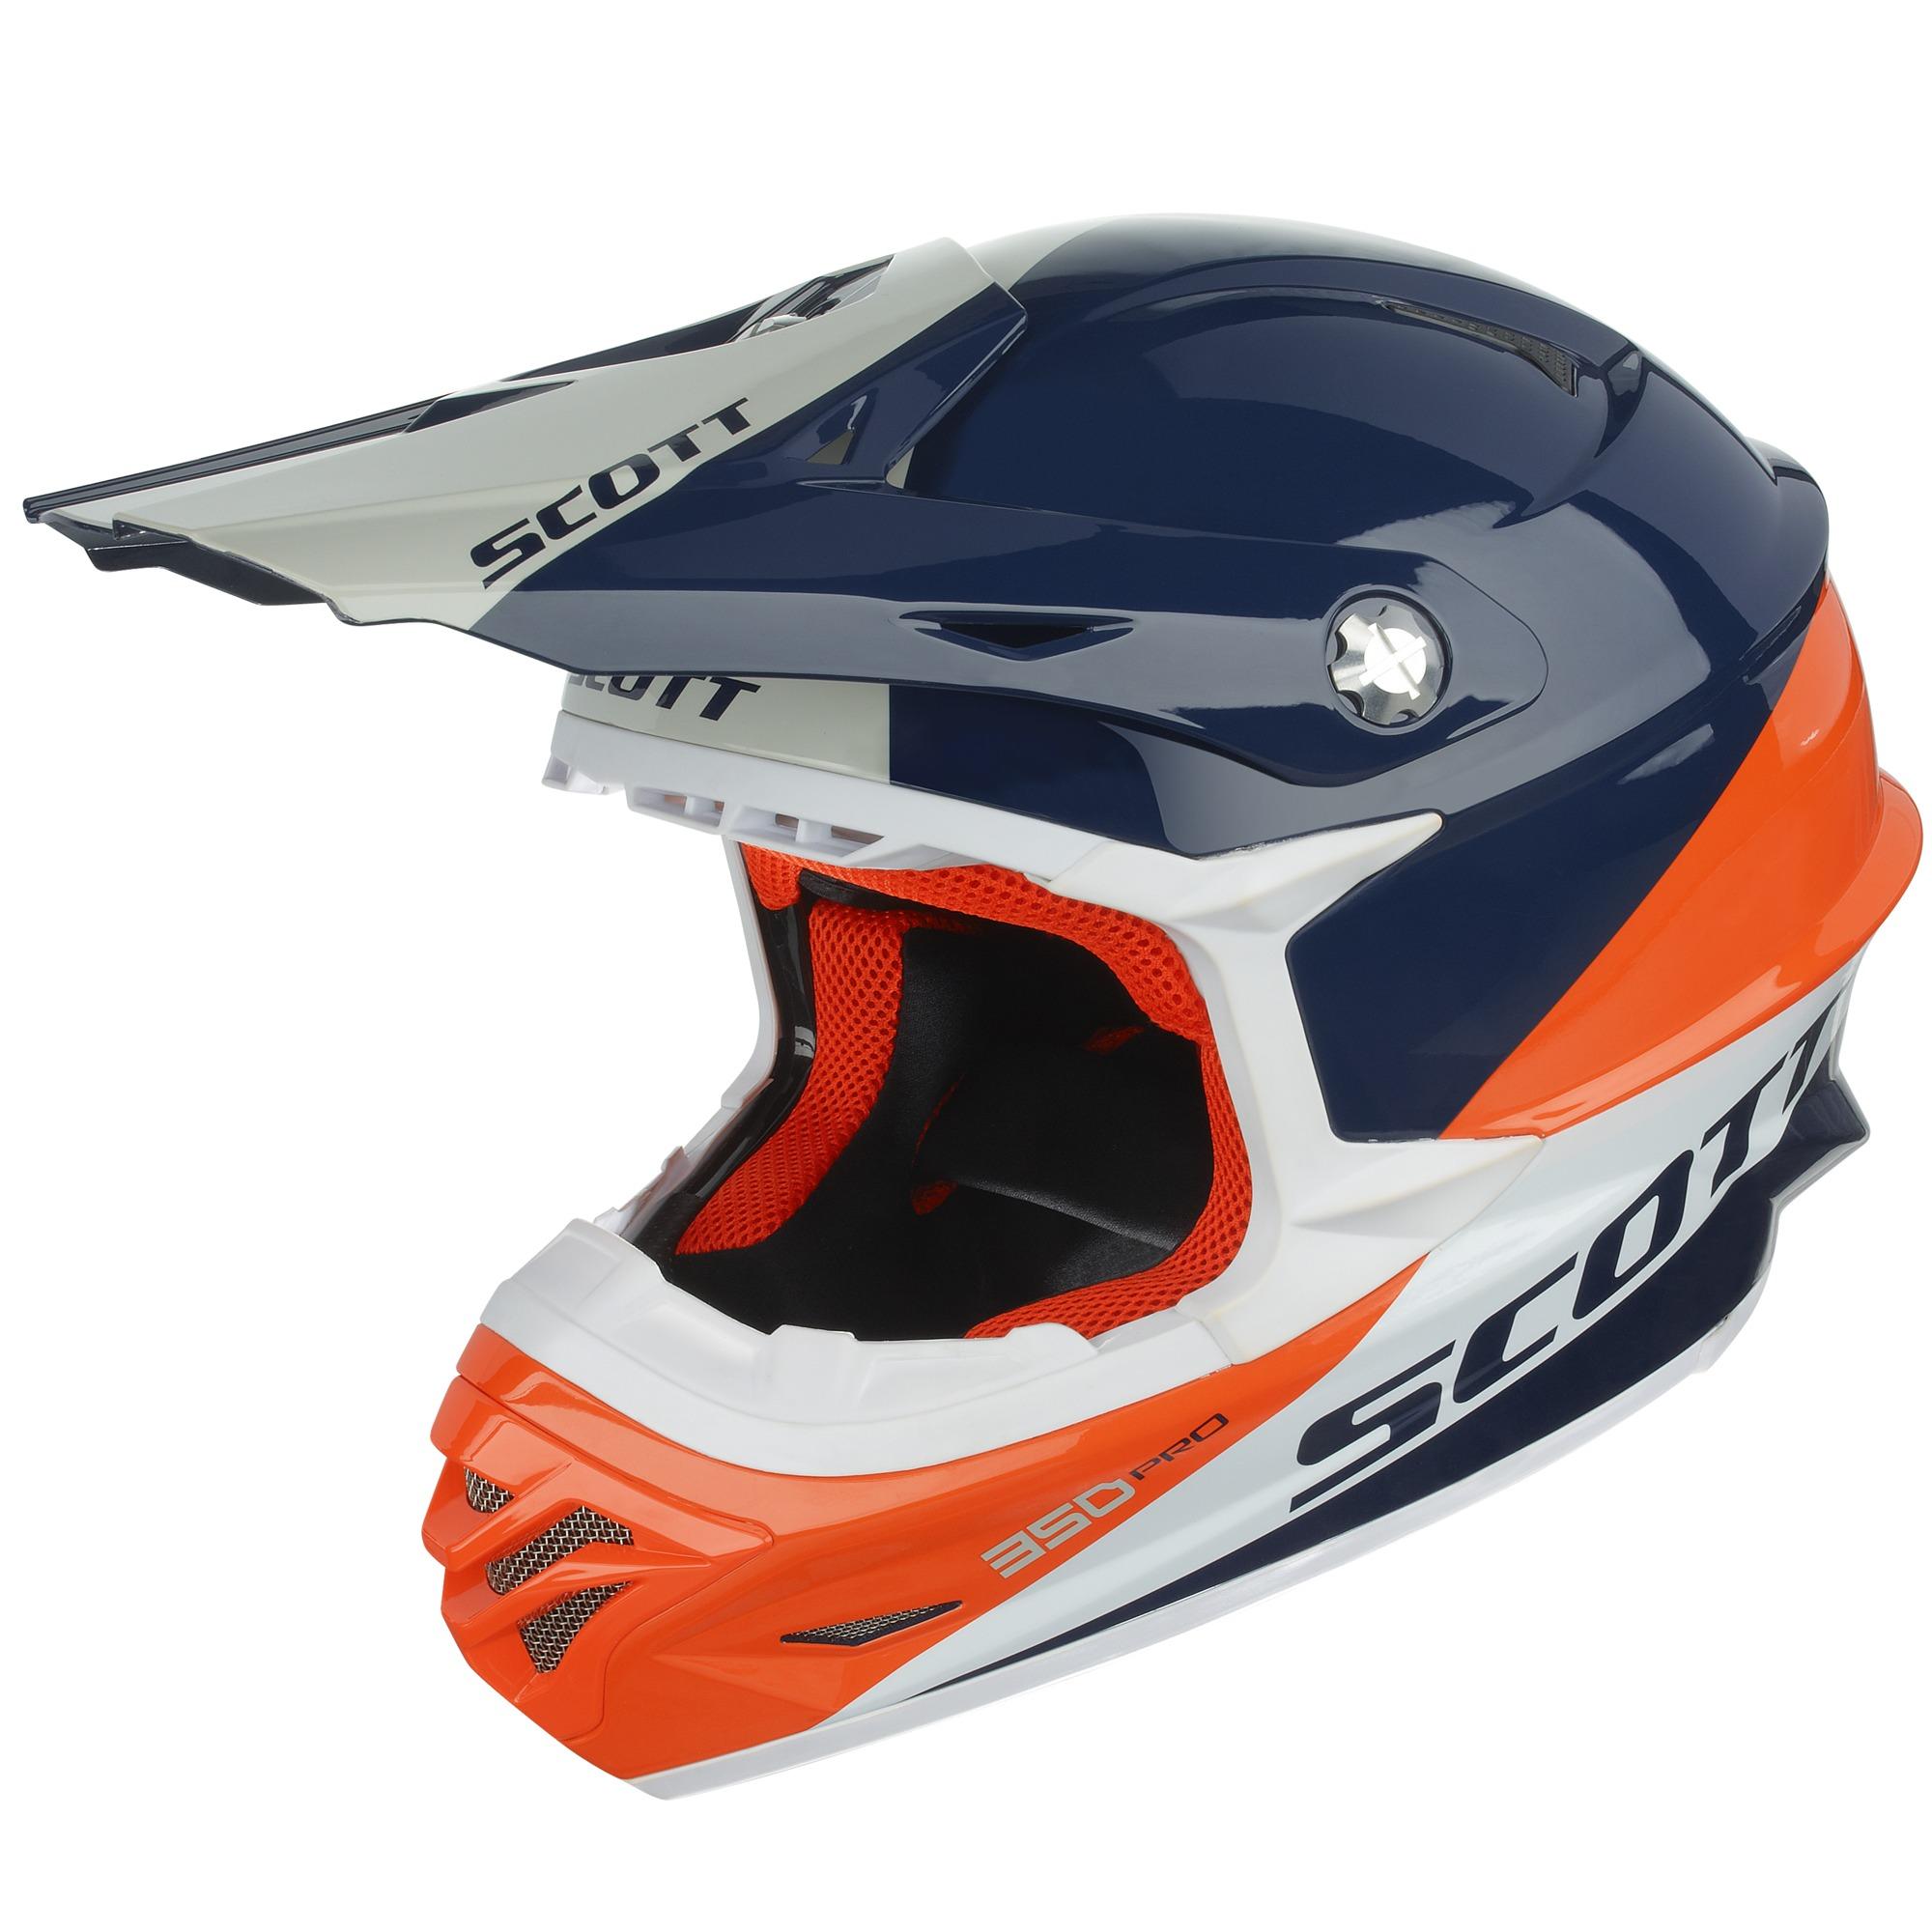 Scott – 350 PRO Trophy Helmet Image